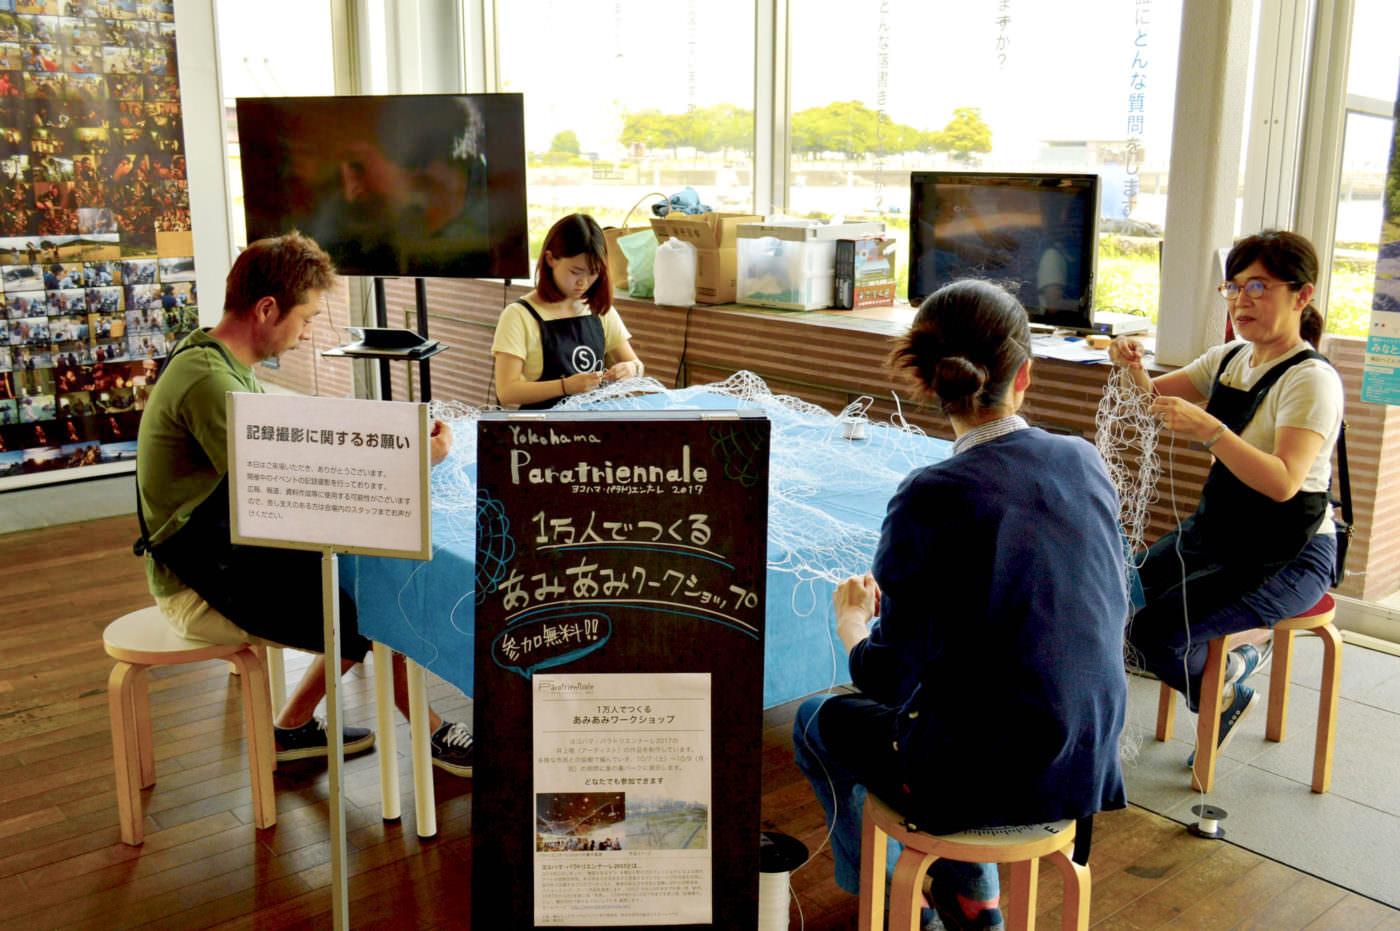 ヨコハマ・パラトリエンナーレ 2017でアーティスト井上唯さんのプロジェクトを手伝う宣子さん